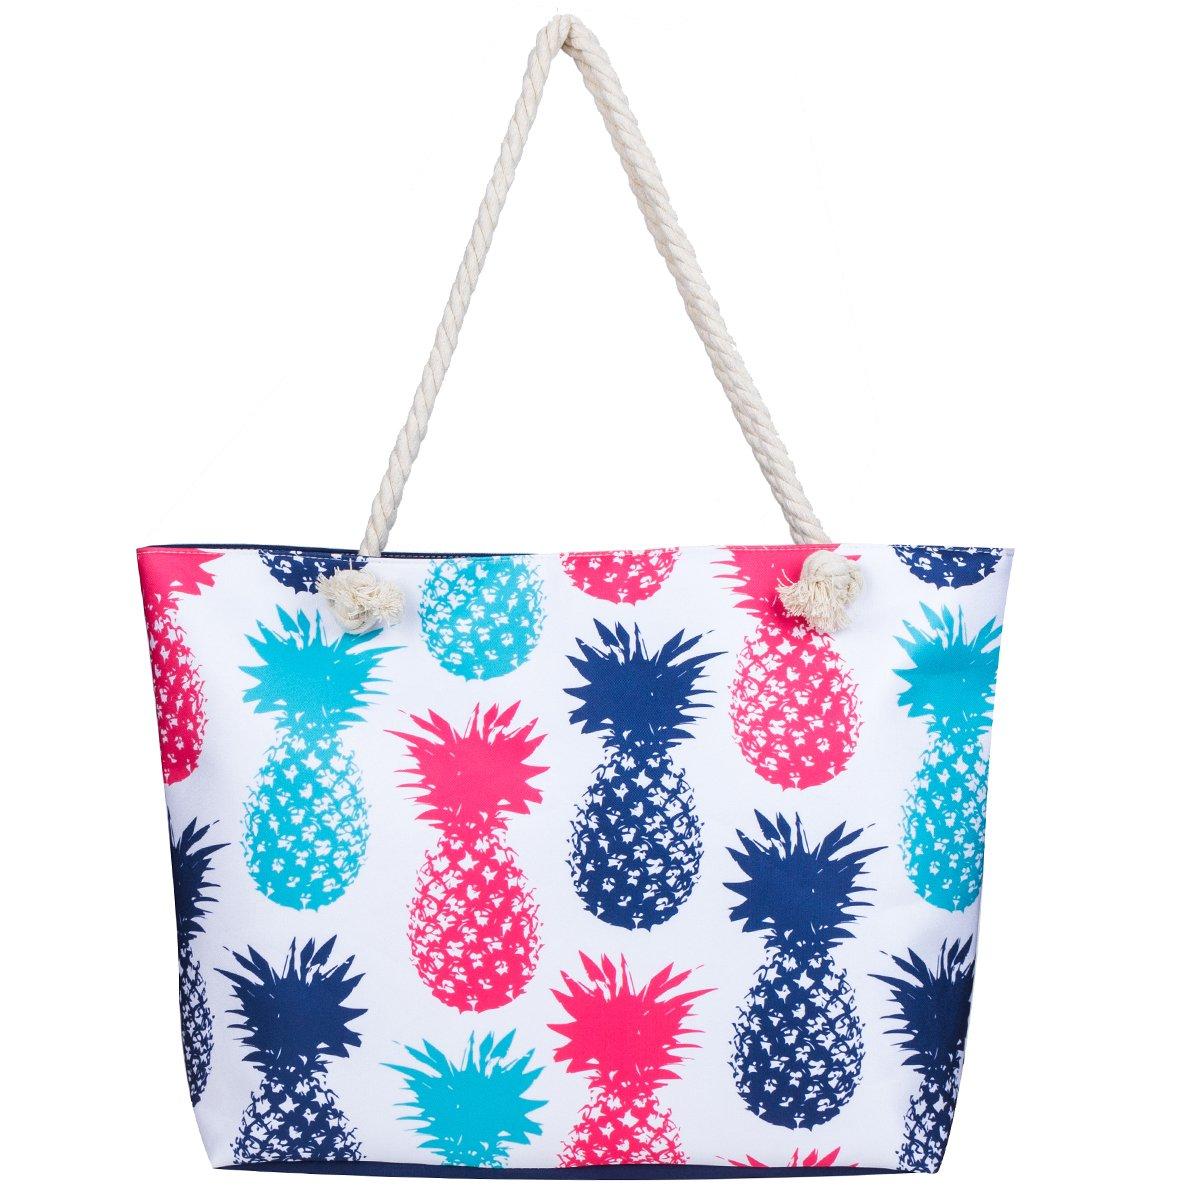 MISS FANTASY Beach Bag Large Waterproof Flamingo Pineapple Summer Tote with waterproof case (Pineapple 2)